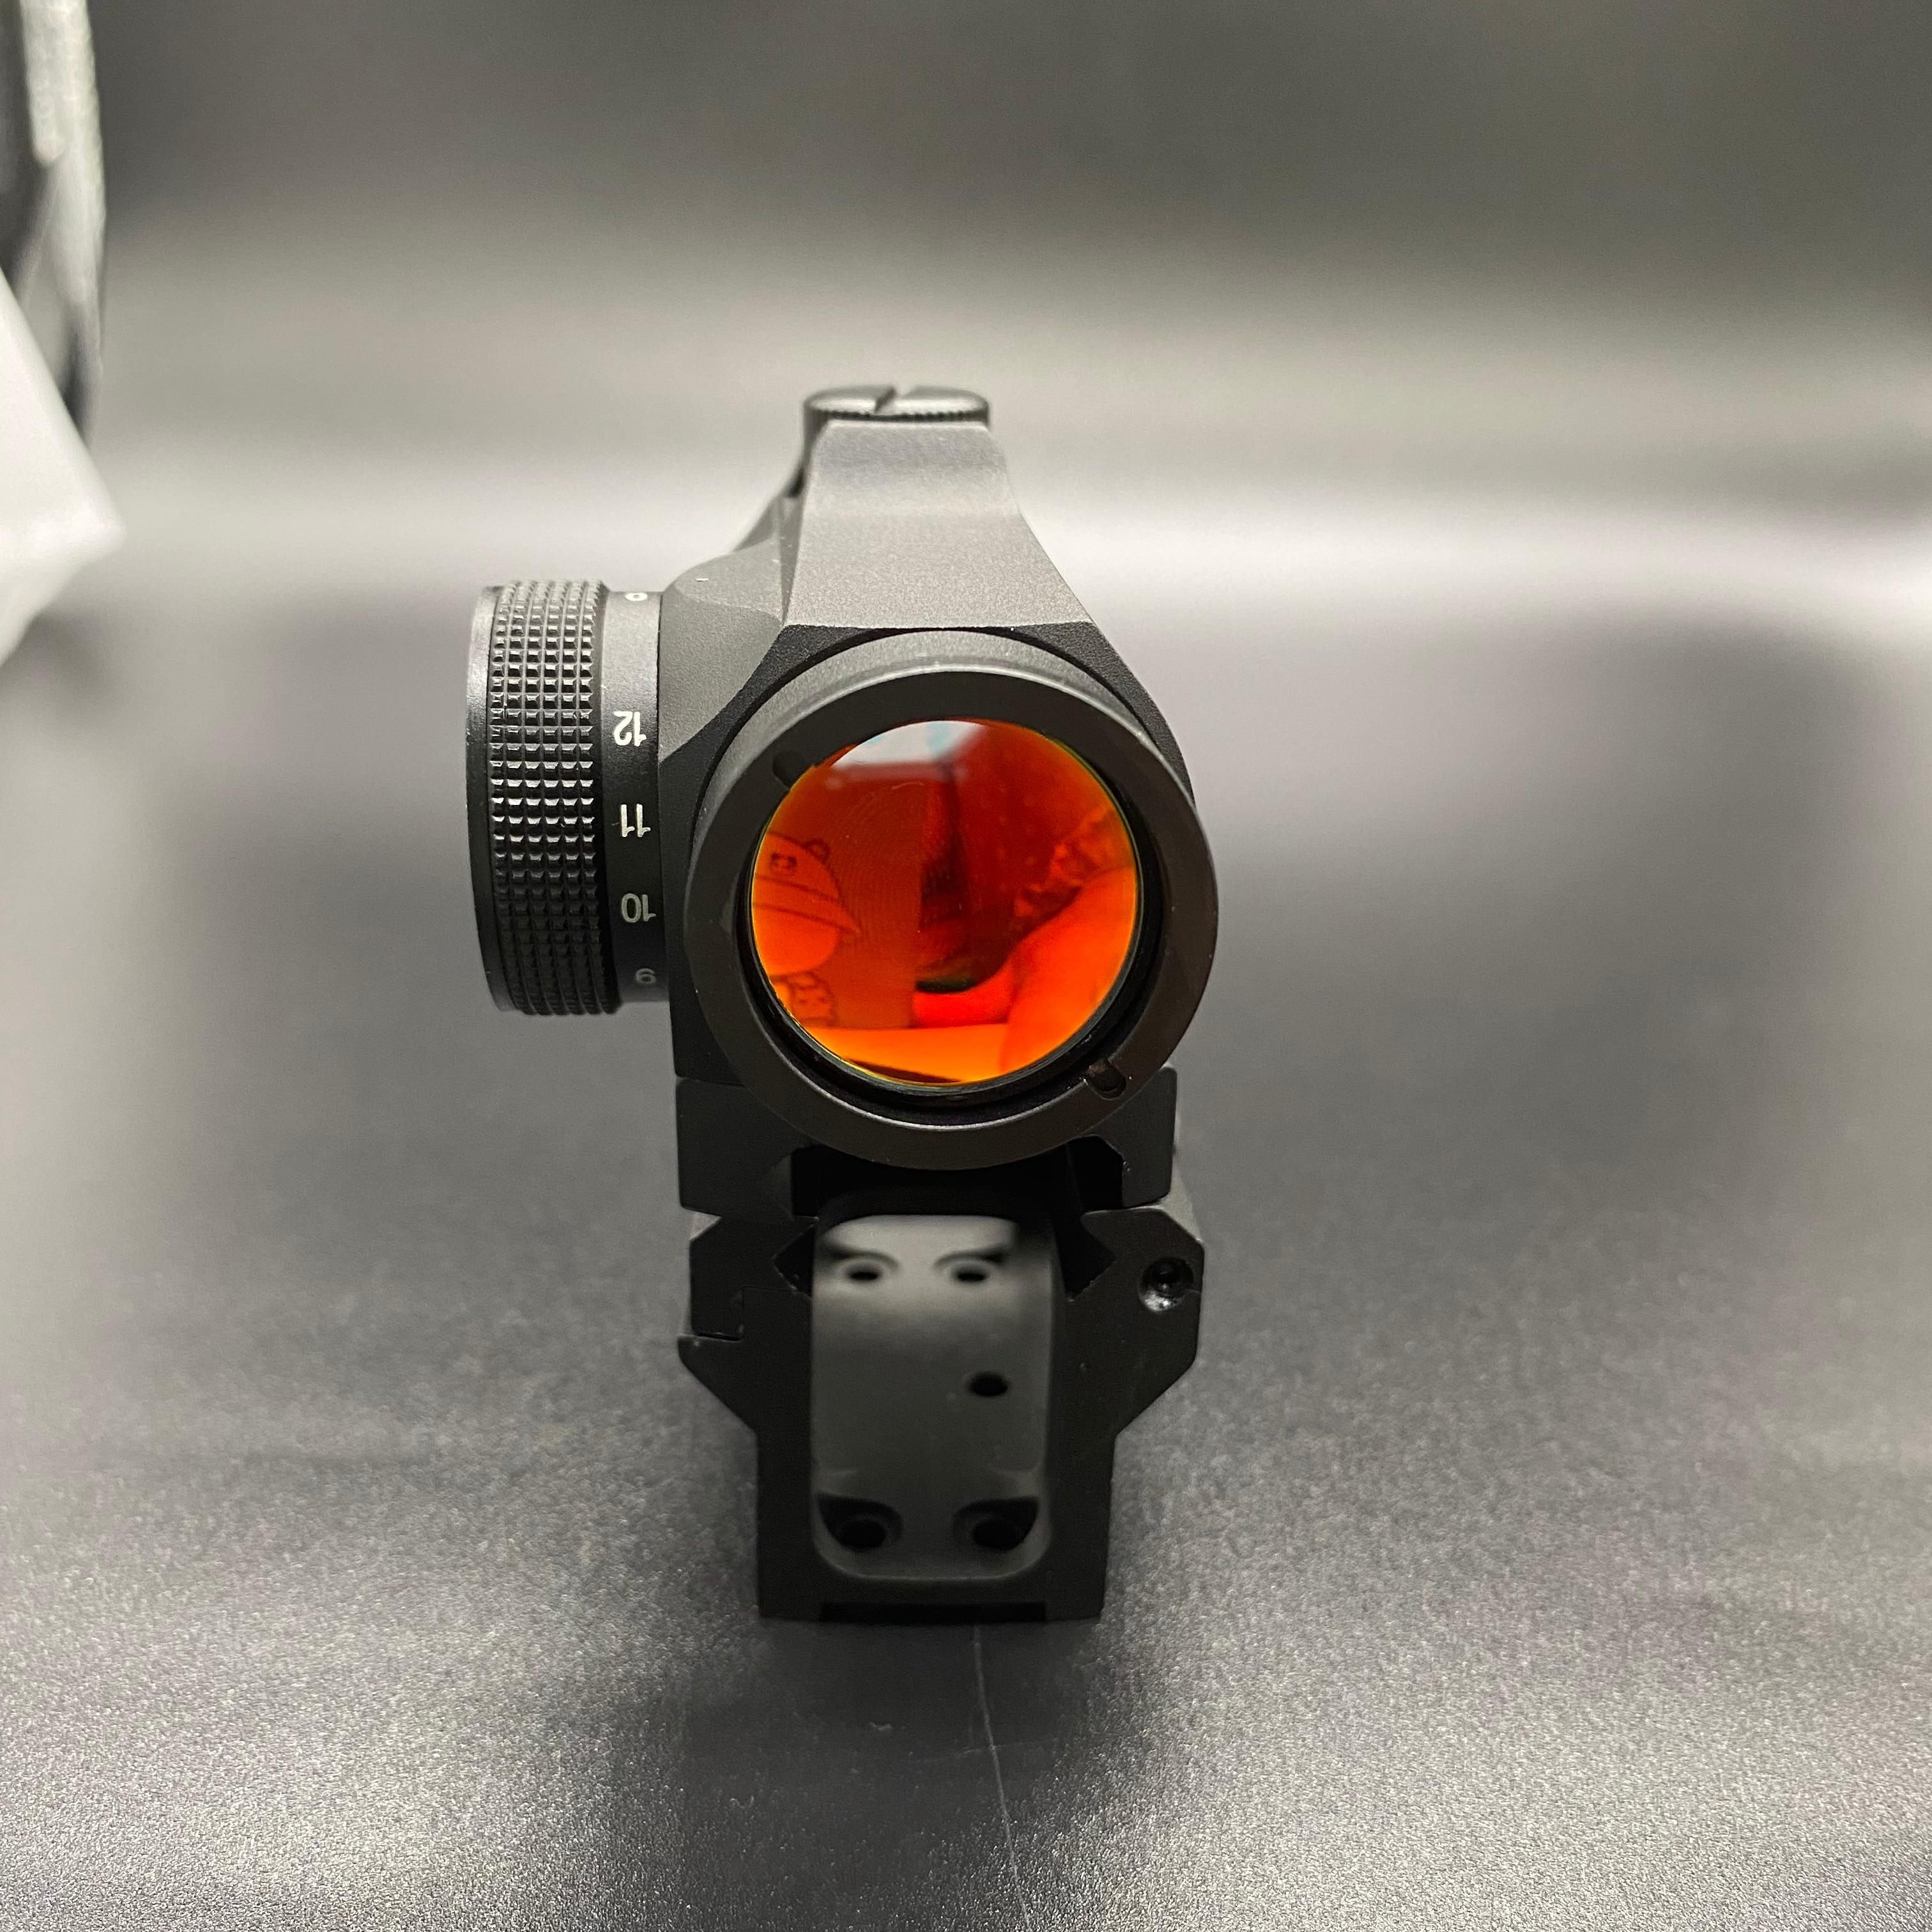 Rifescope görüş 2MOA T2 Sight işıklı keskin nişancı kırmızı yeşil nokta Sight hızlı serbest bırakma ile T2 kırmızı nokta görüşü